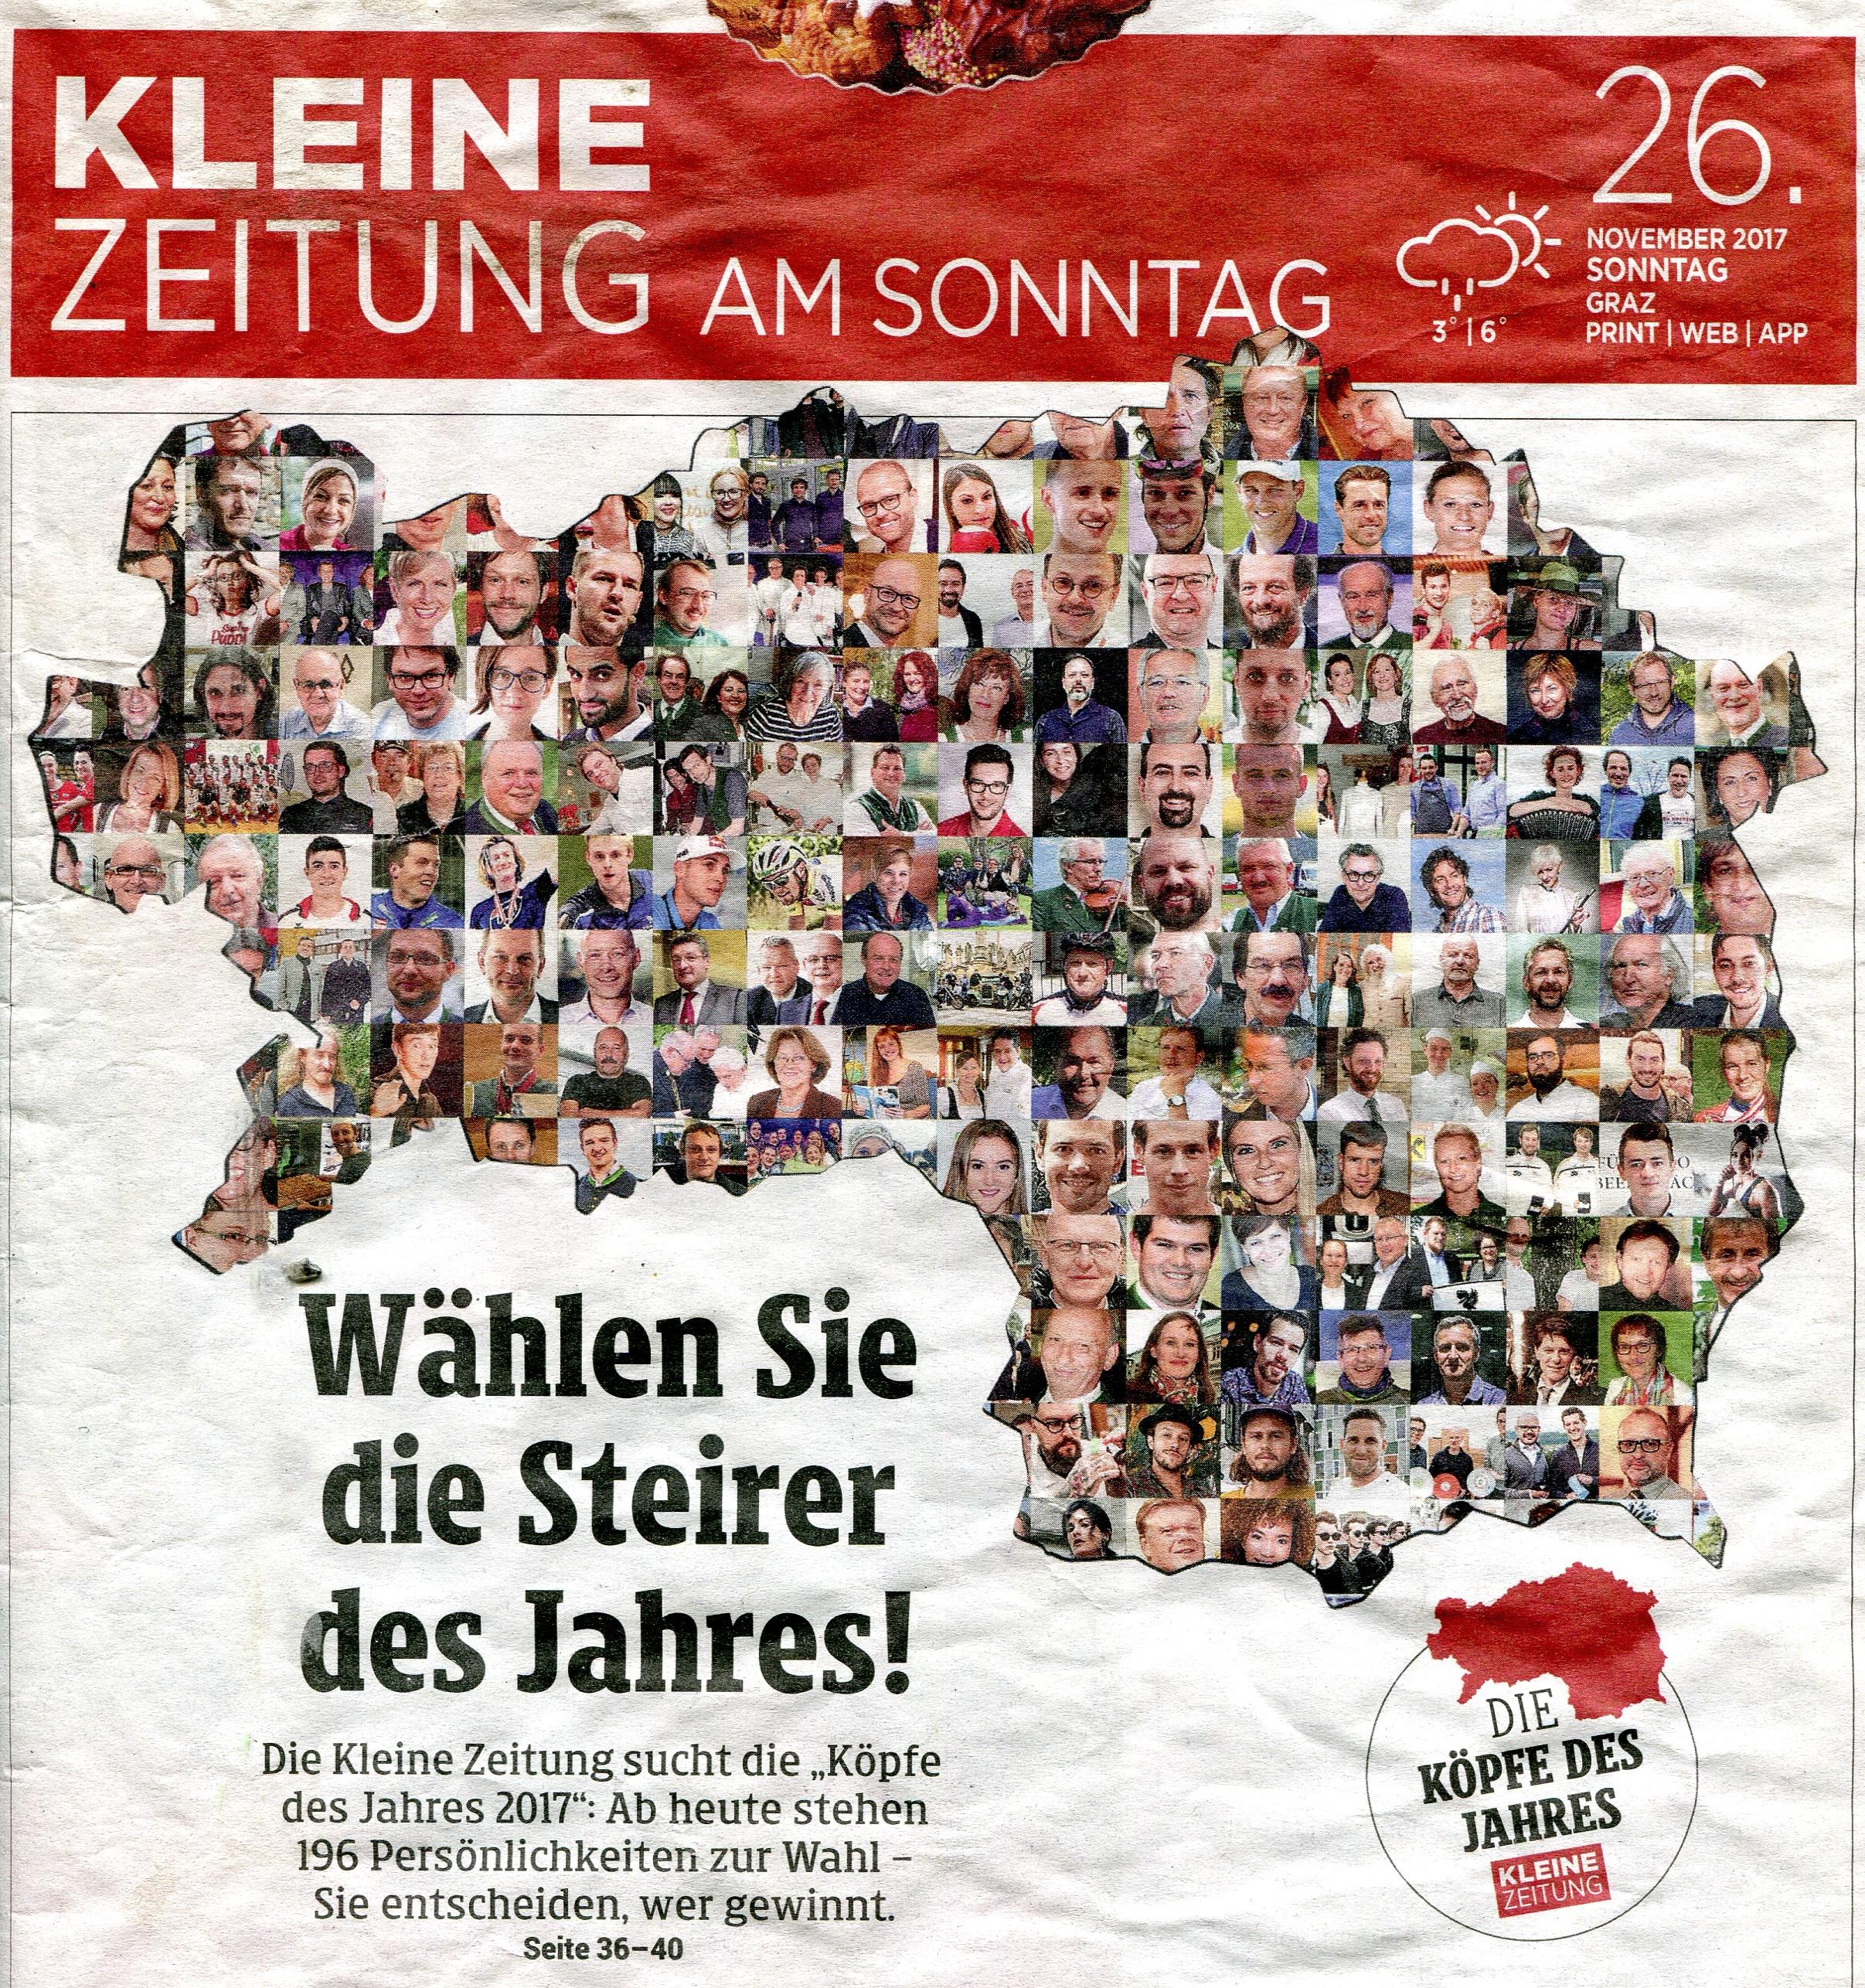 Kleine Zeitung_Titel 26.11.2017